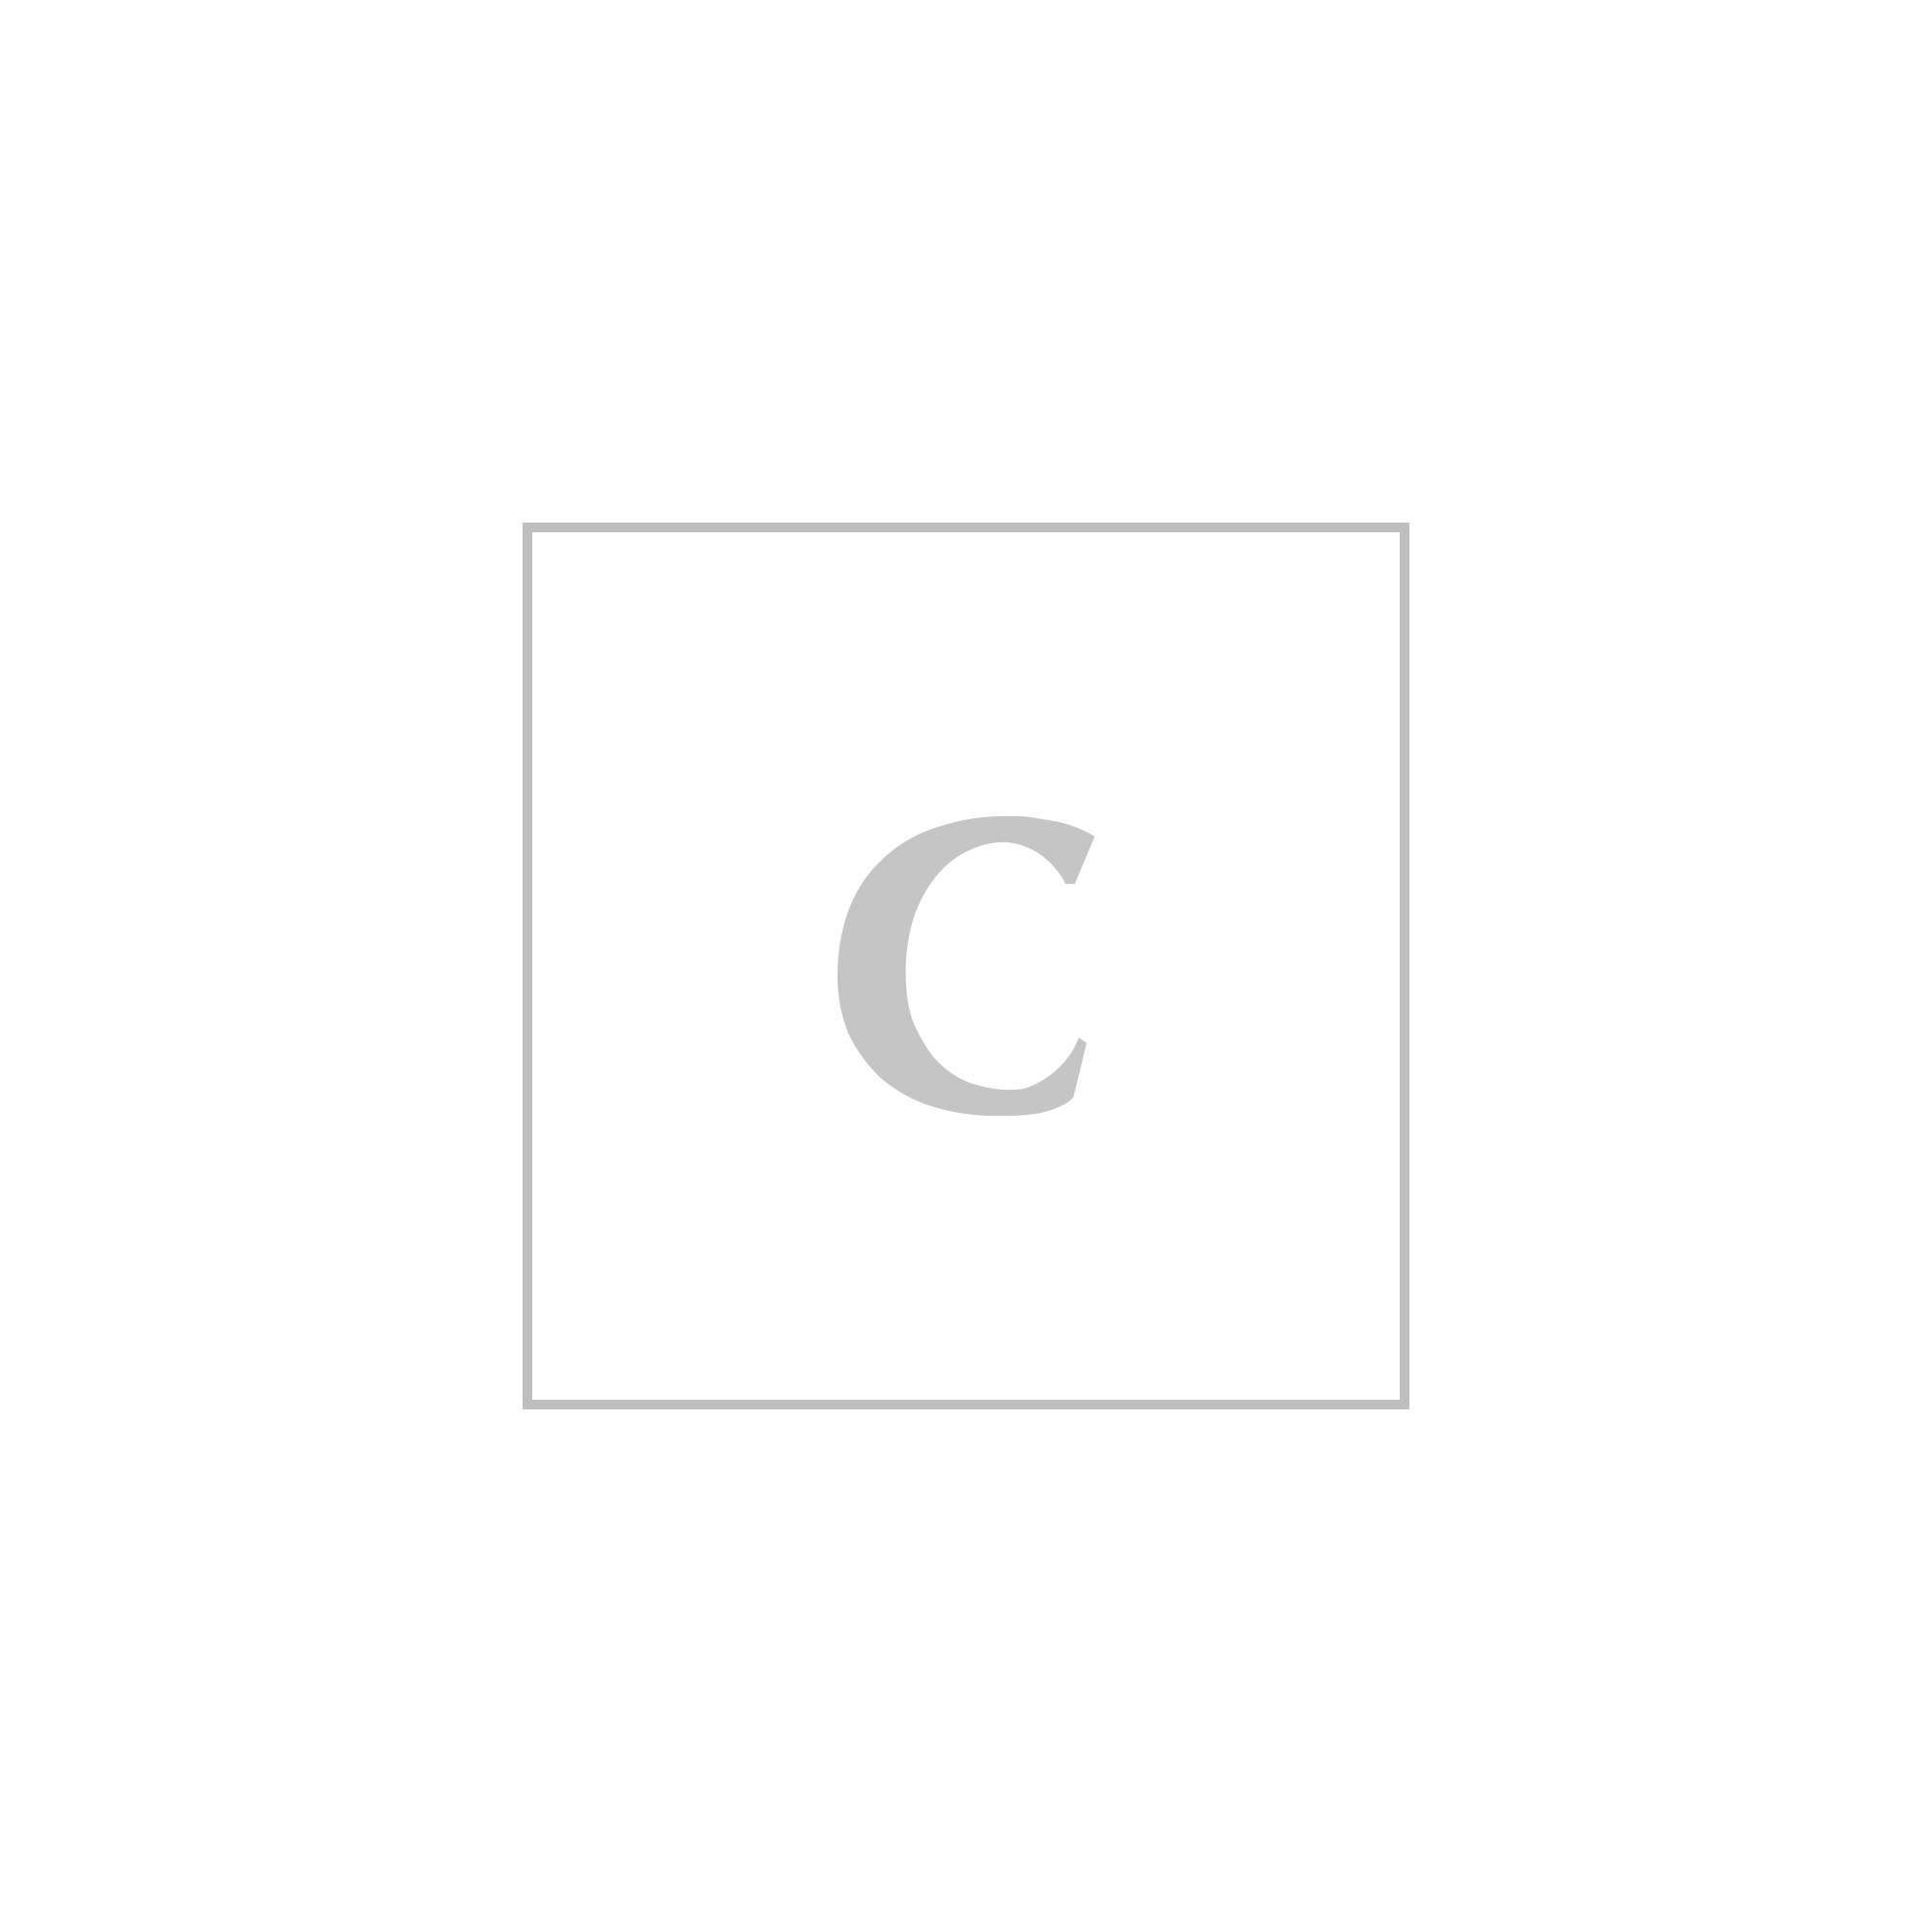 Saint laurent ysl borsa monogramme grain de poudre small